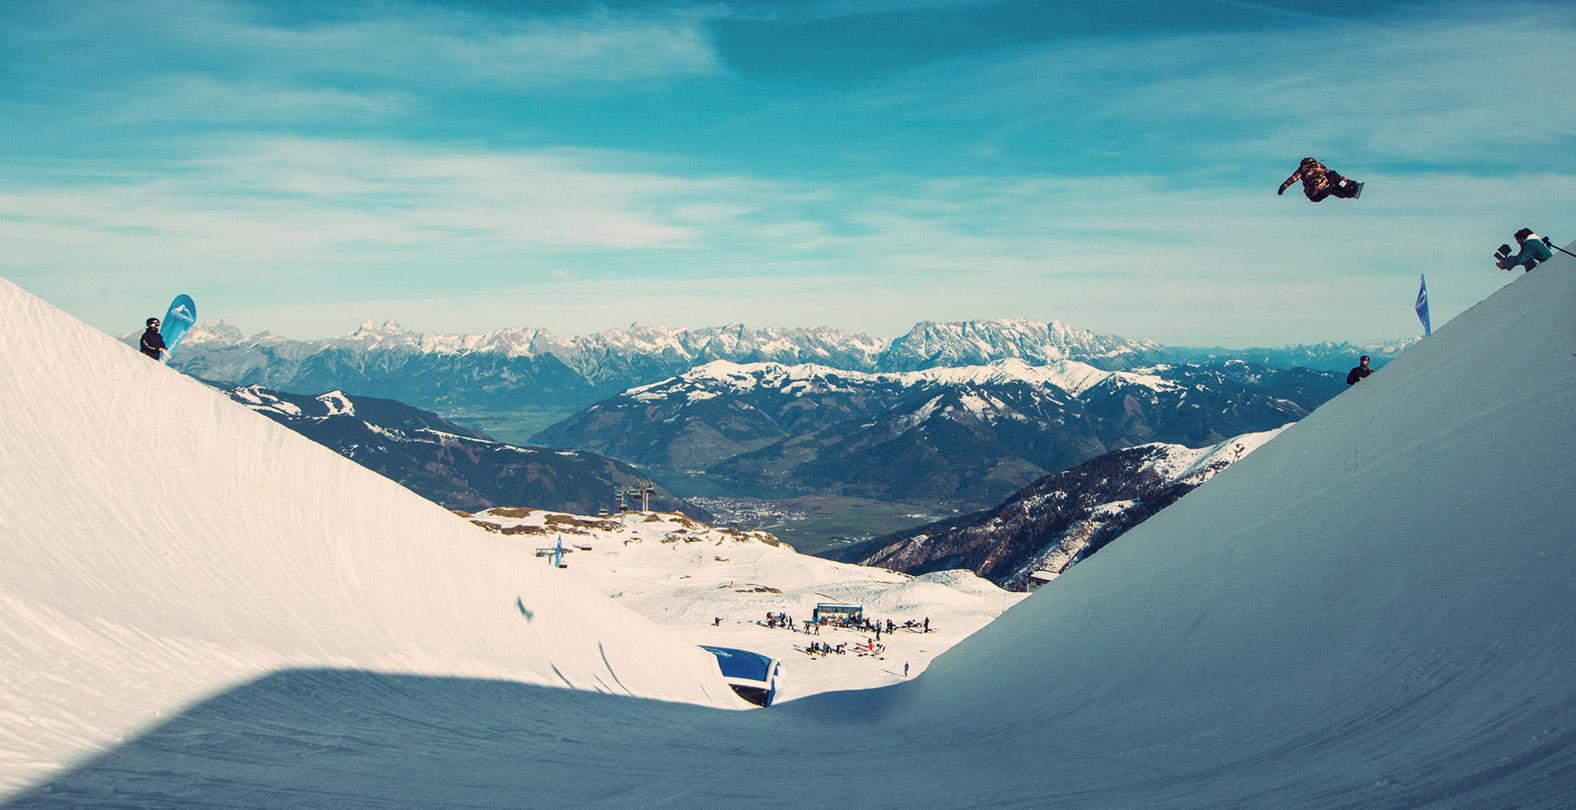 Leilani Ettel Kitzsteinhorn halfpipe snowboard 2019